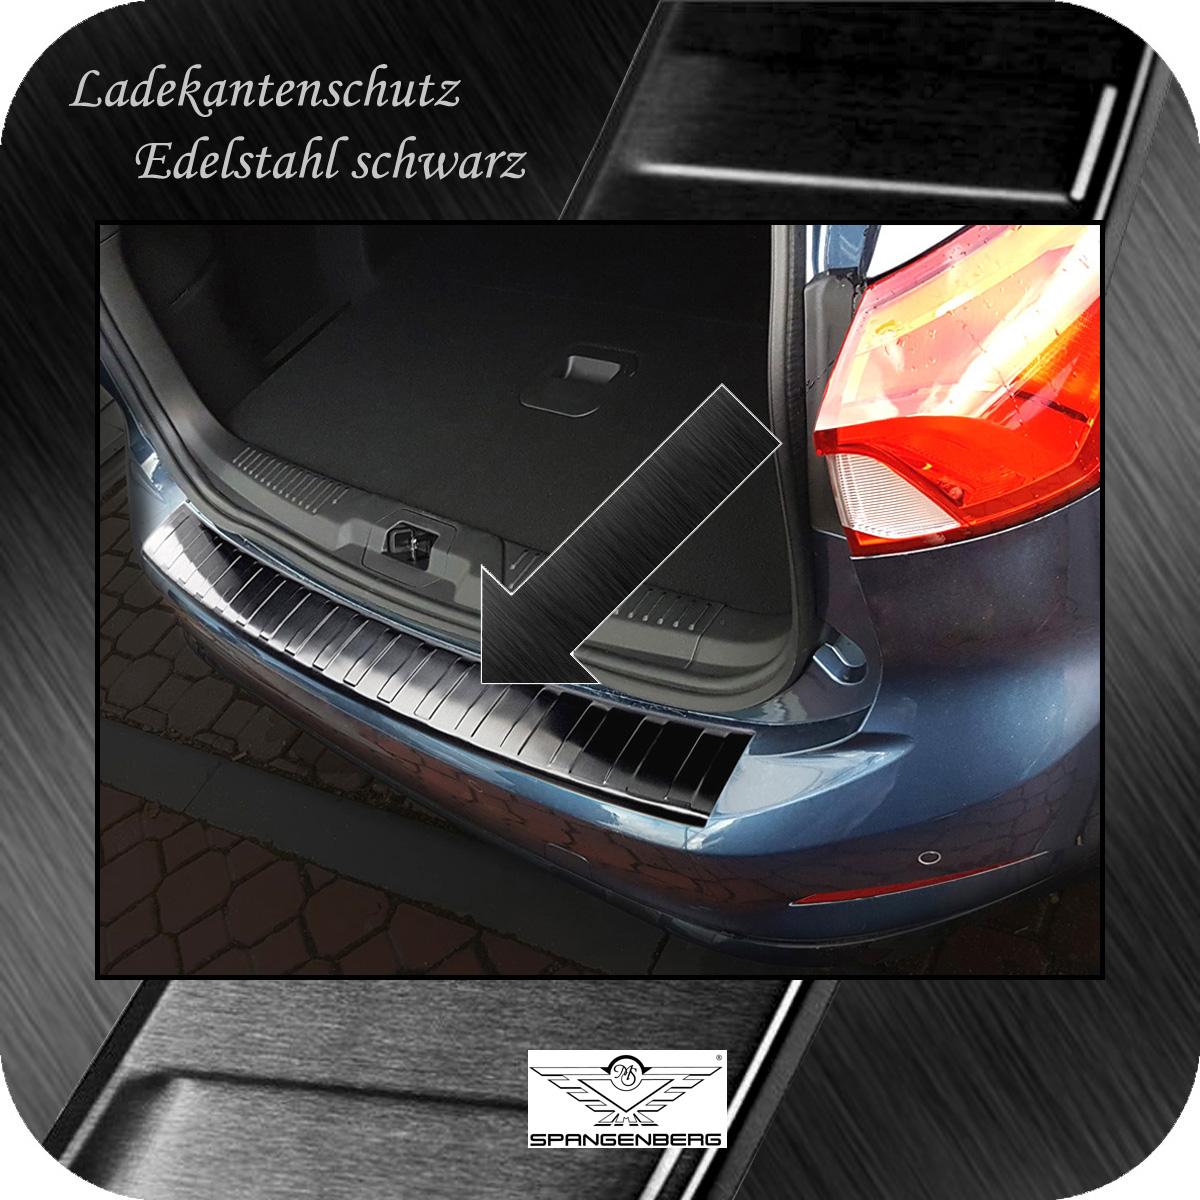 Ladekantenschutz Edelstahl schwarz graphit Ford Focus IV Turnier 4.2018- 3245193